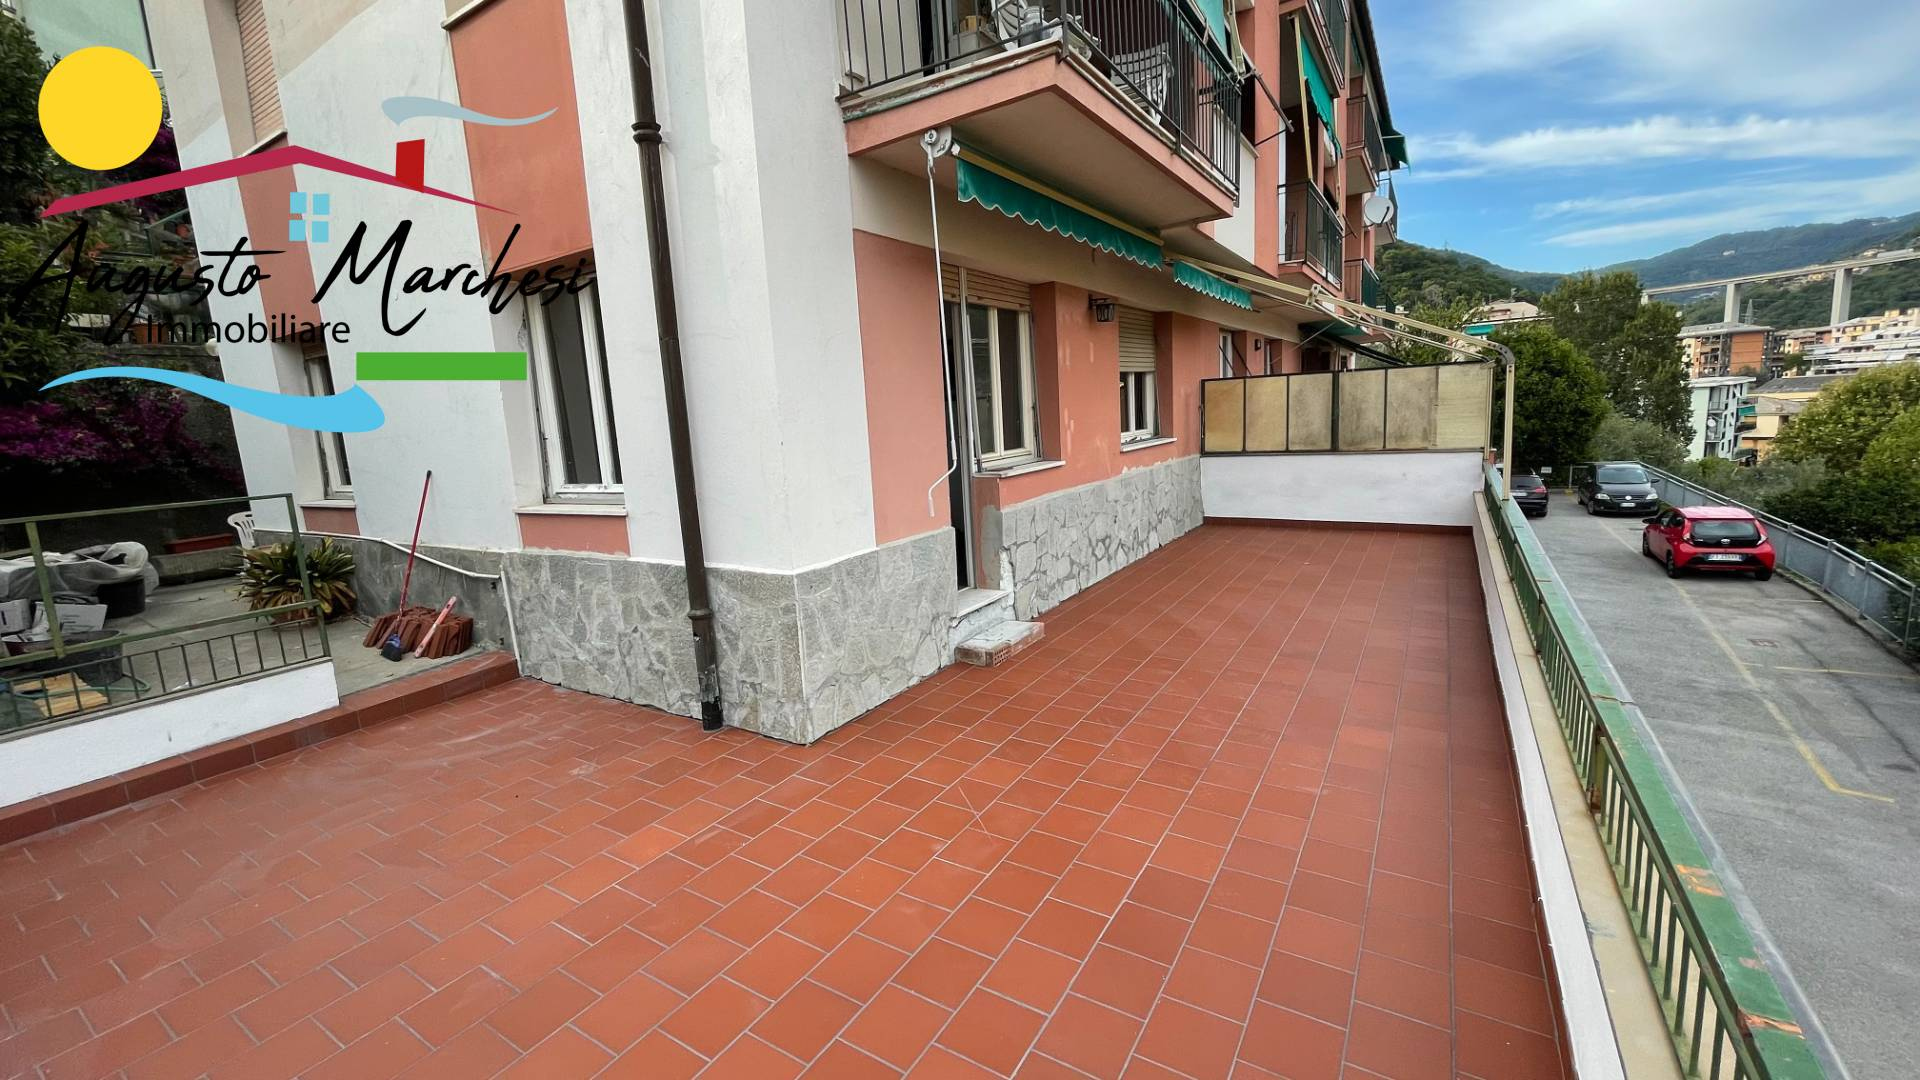 Appartamento in vendita a Recco, 6 locali, zona Località: Centrale, prezzo € 265.000   PortaleAgenzieImmobiliari.it